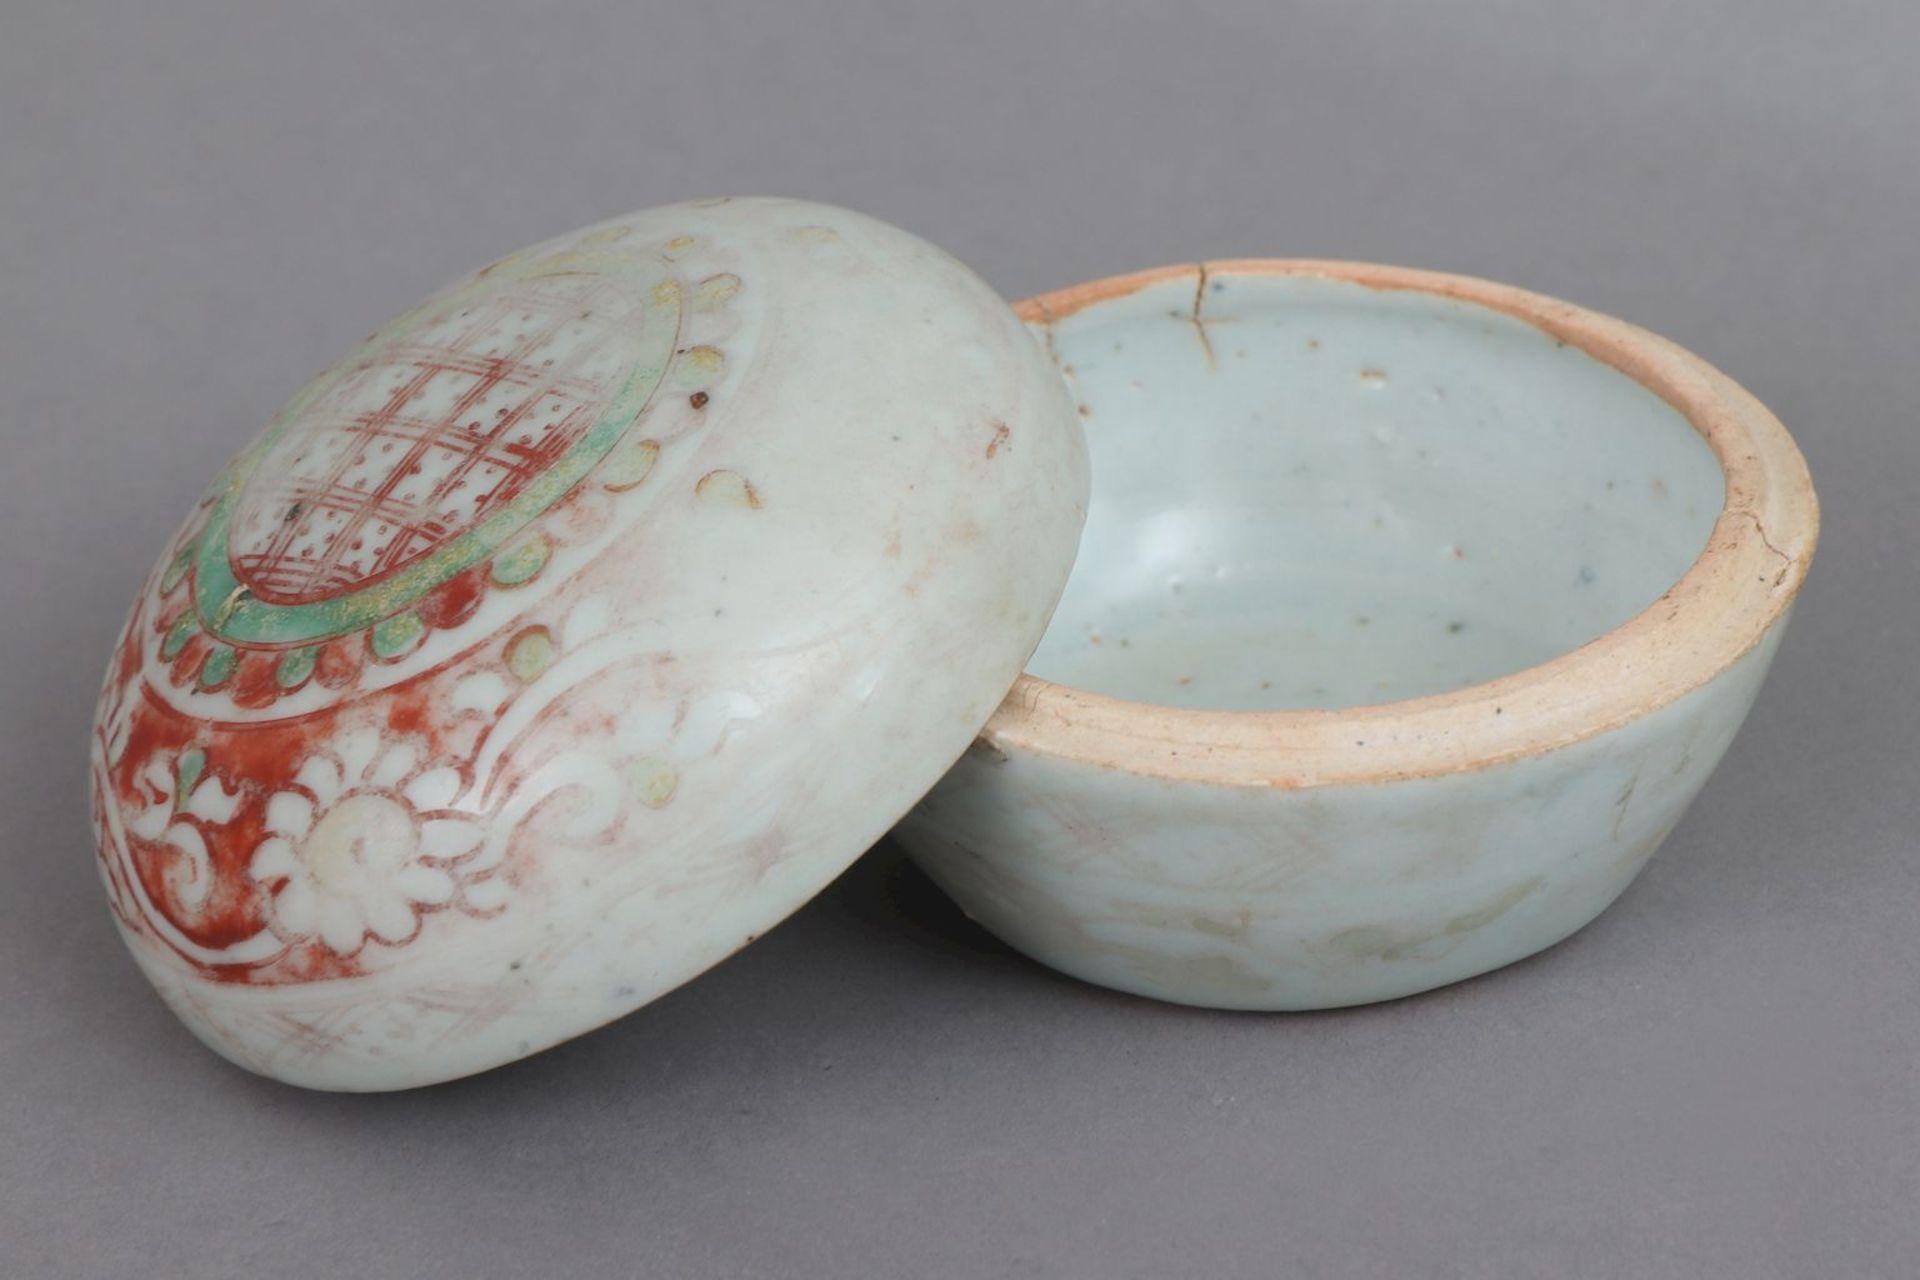 Chinesische Porzellan-Deckeldose - Image 2 of 4